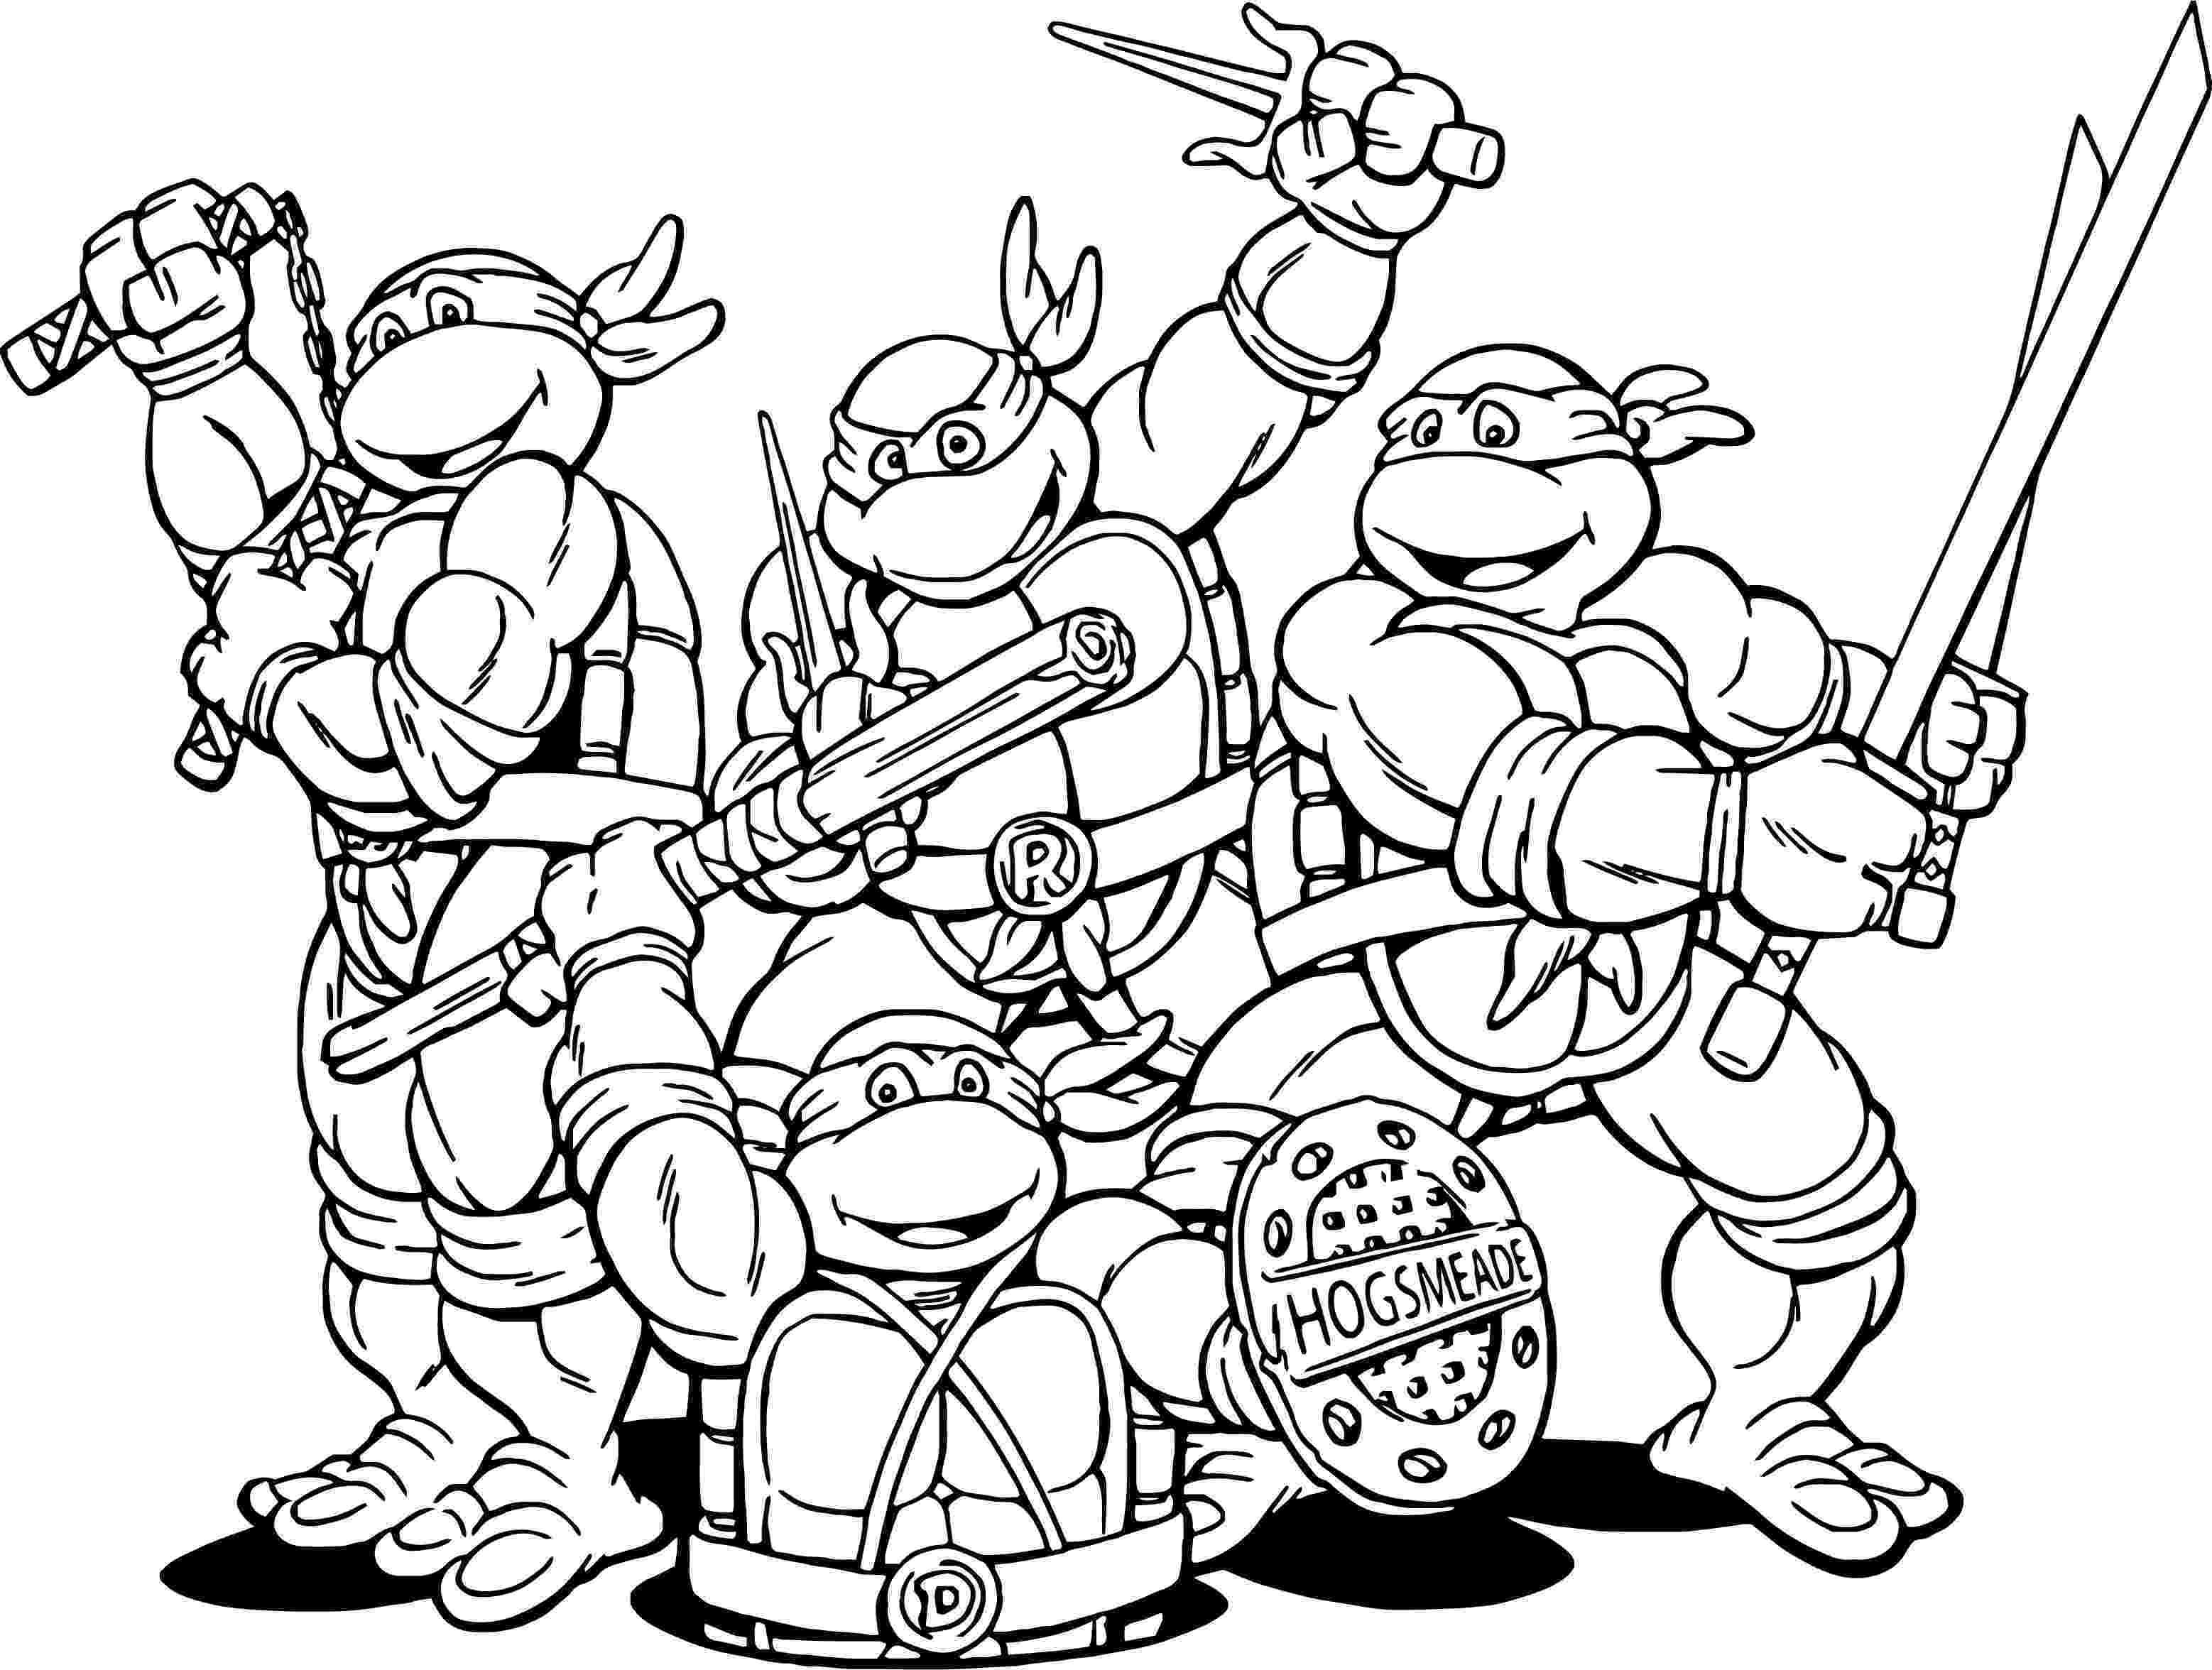 coloring pages turtles ninja kleurplaat ninja turtles masker krijg duizenden ninja coloring pages turtles